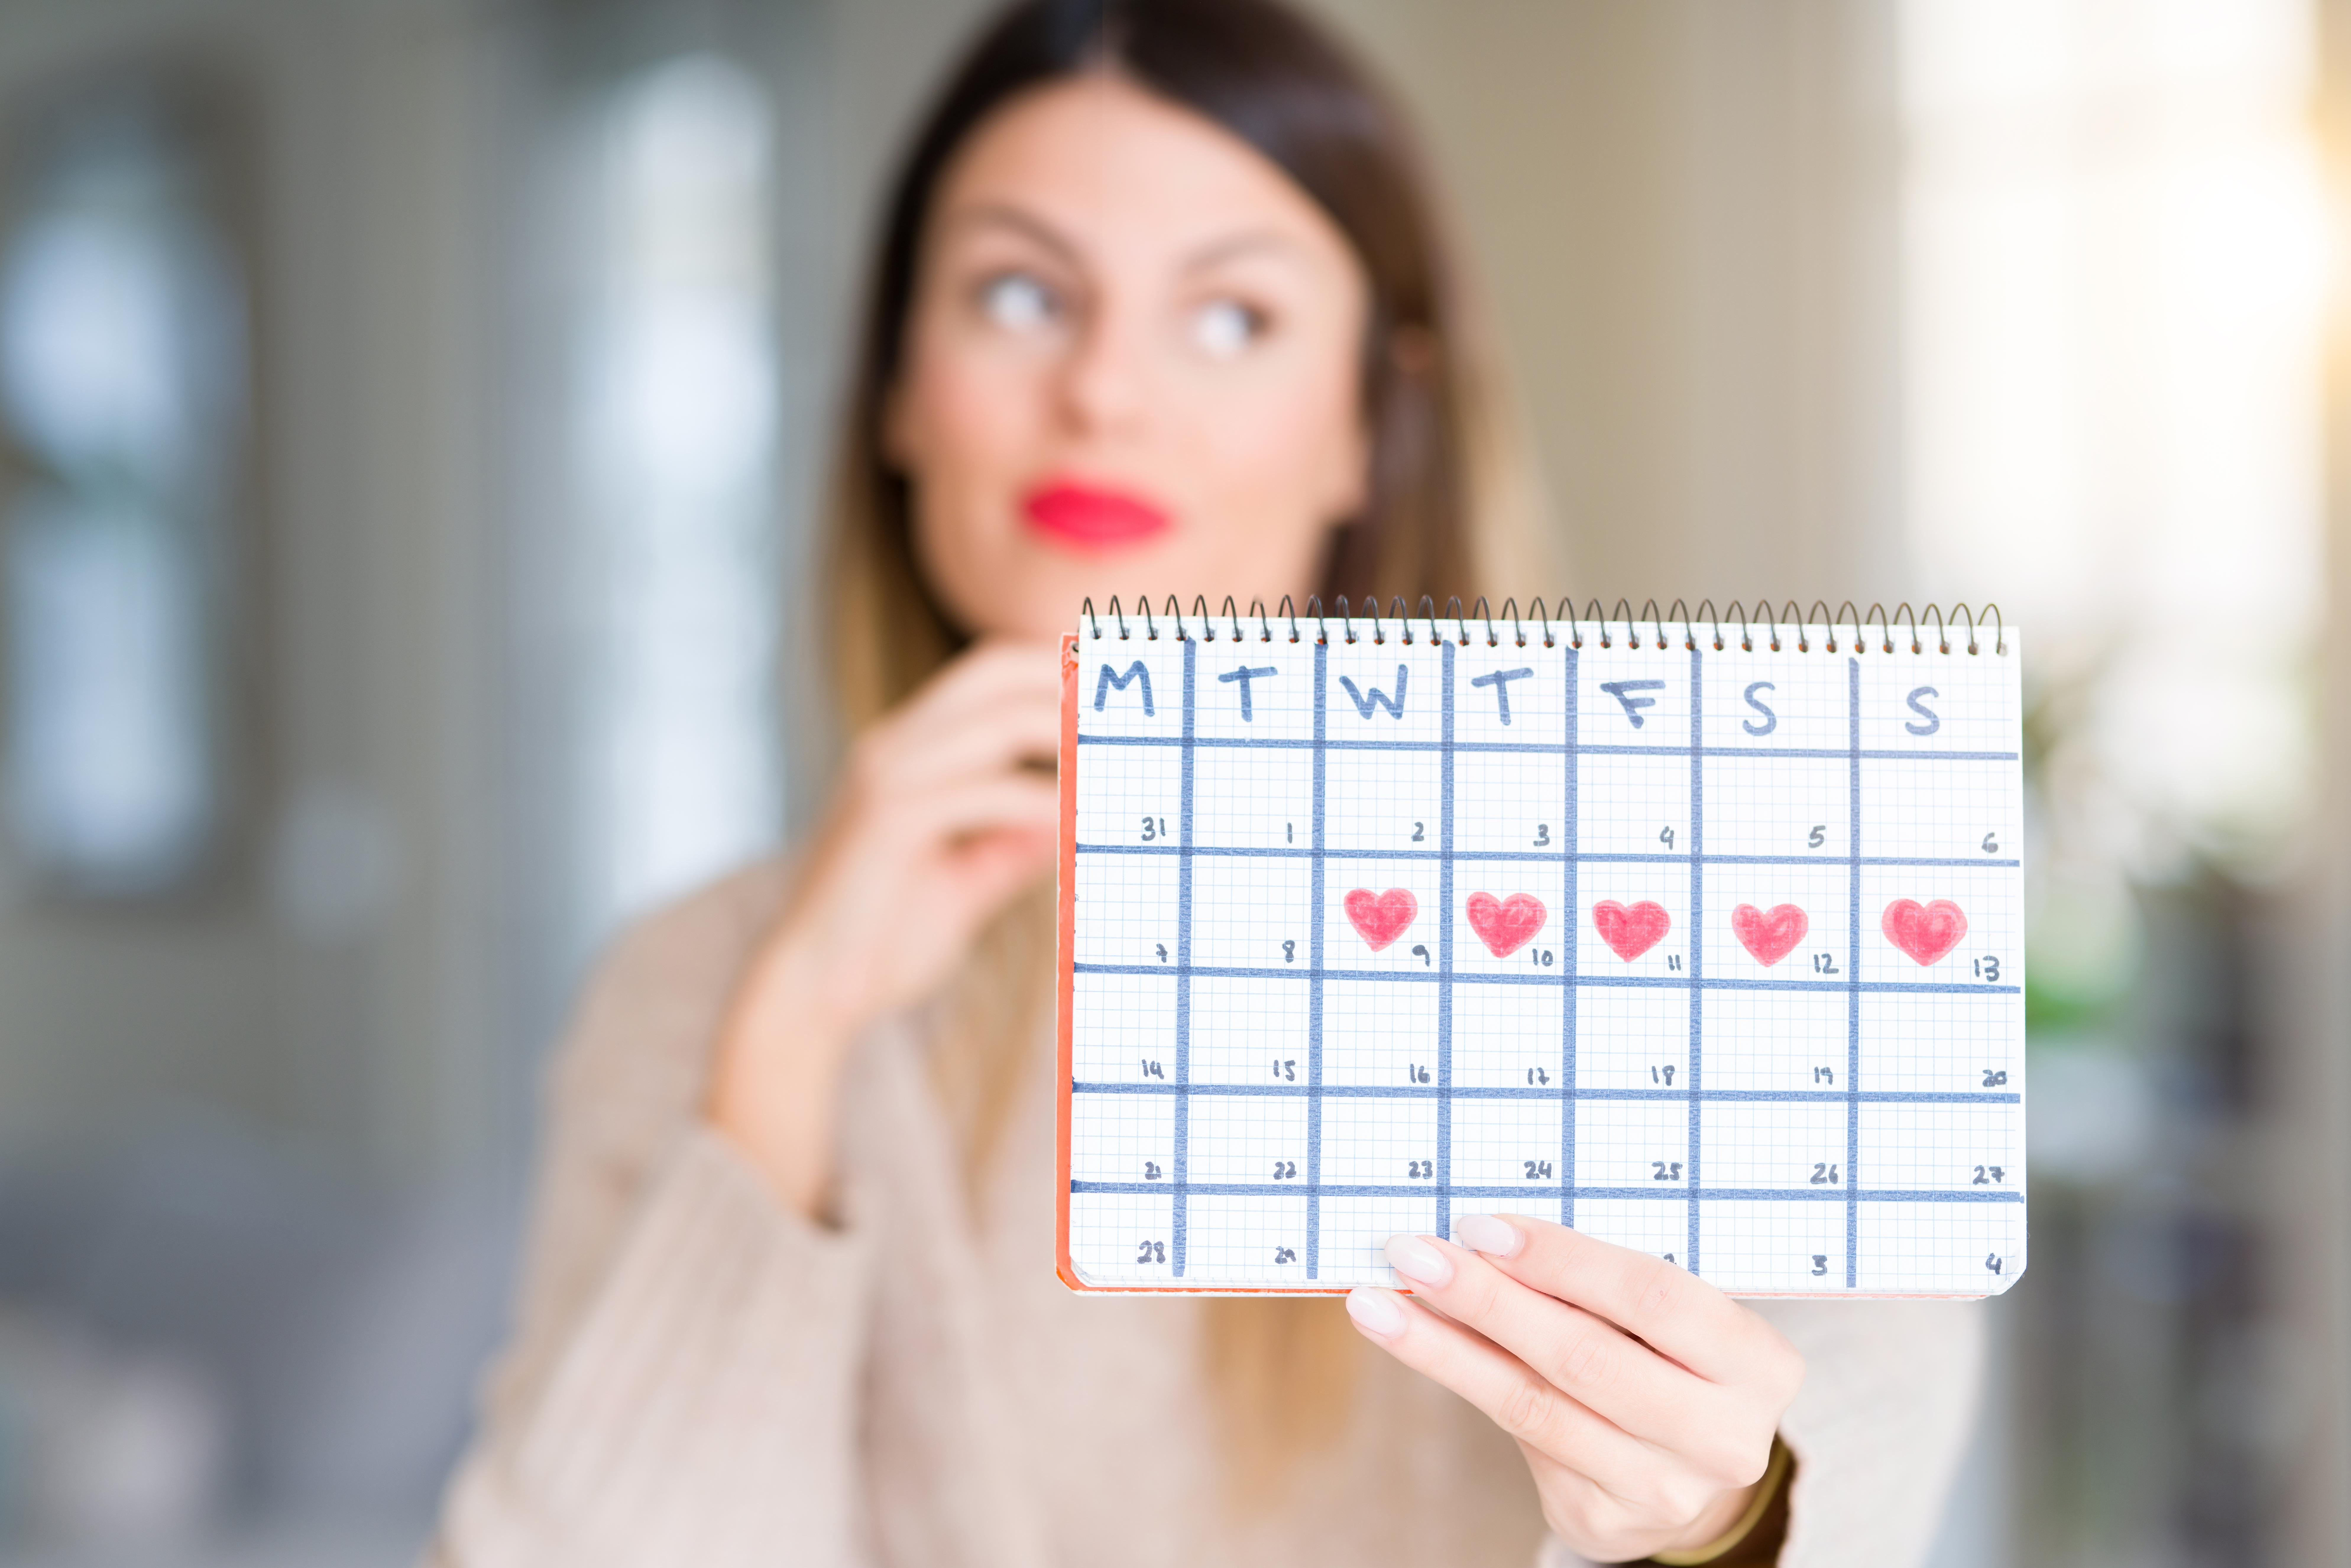 Mensen brukar hålla i sig mellan 3 dagar upp till cirka en vecka, i snitt 5 dagar.